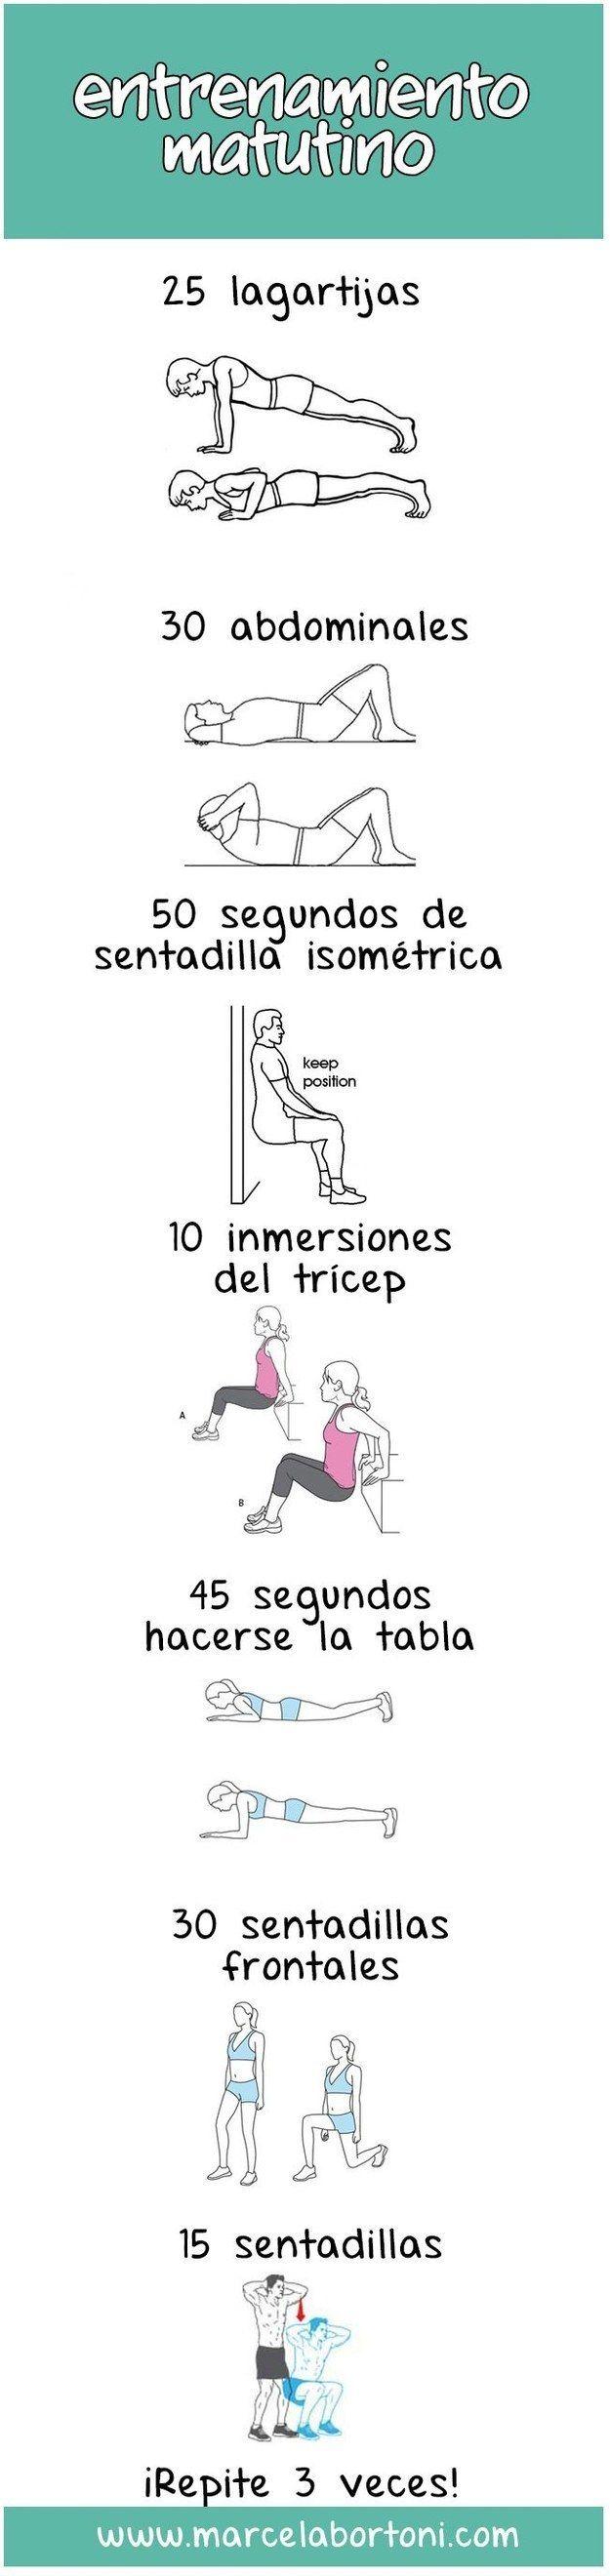 Hay muchos estudios que comprueban que hacer ejercicio en la mañana es mejor para ti. Así que intenta esta rutina y ve cuán mejor te sientes después de unas semanas.